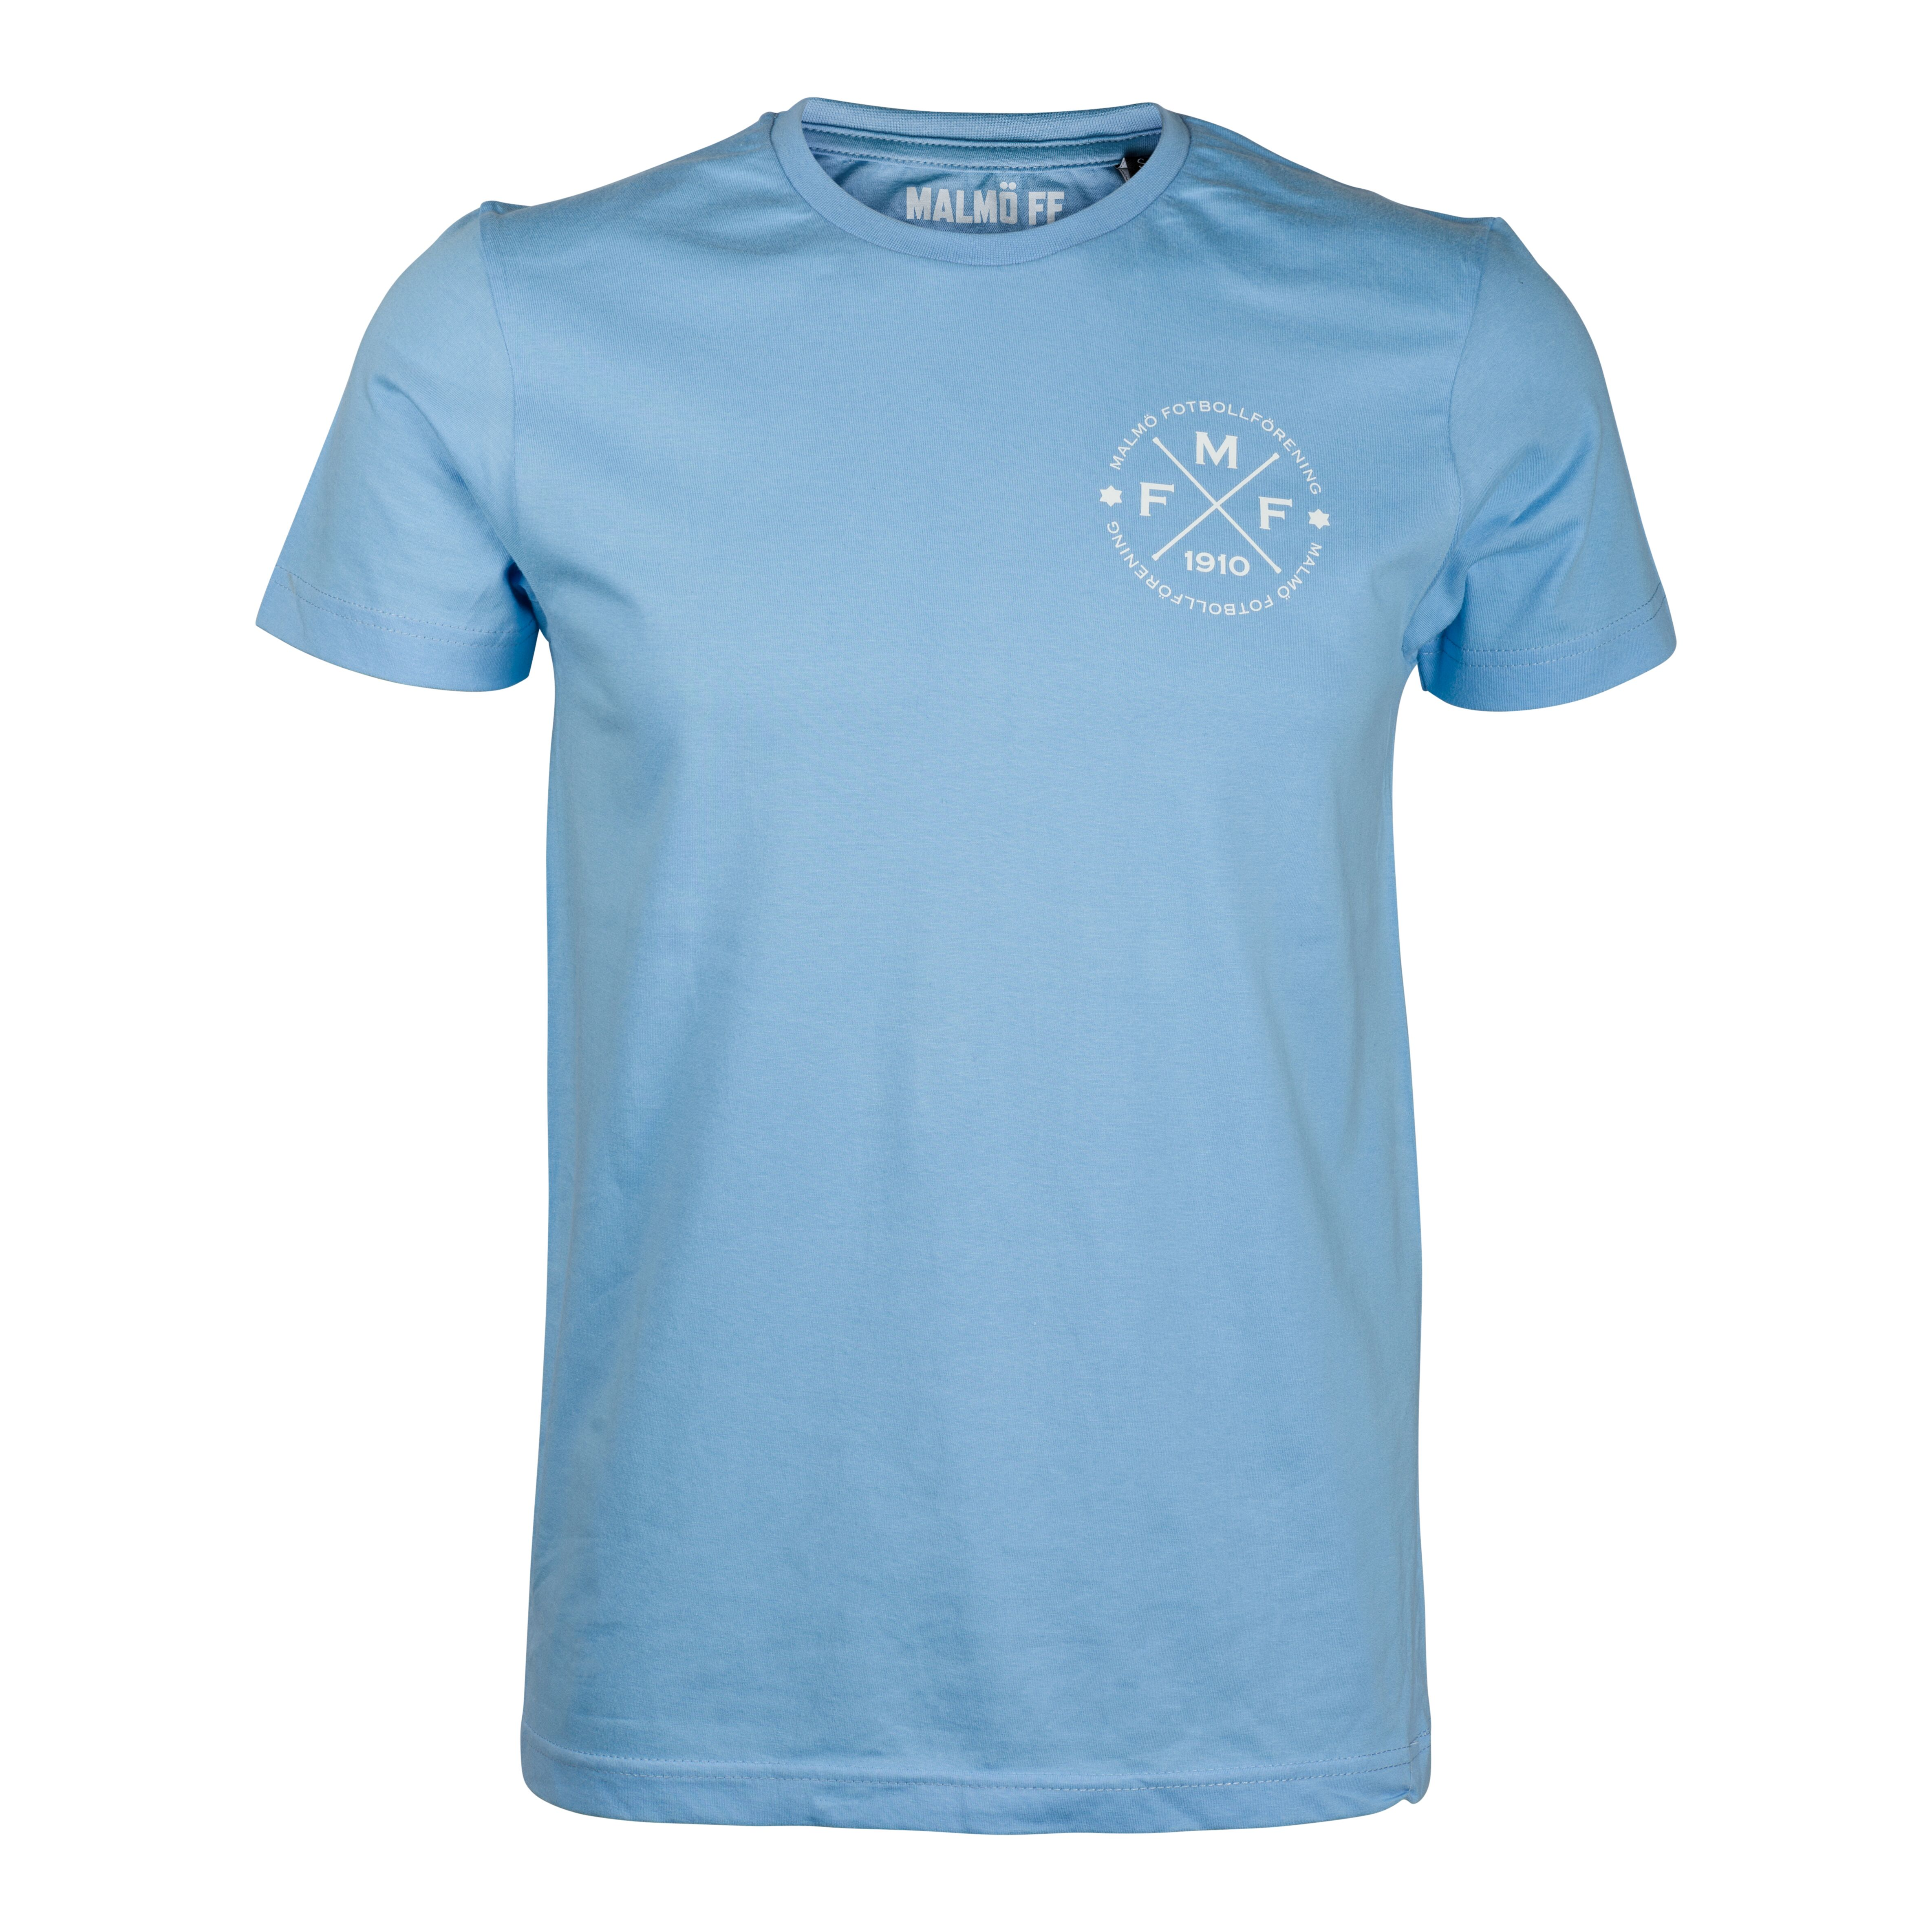 T-shirt dam ljusblå MFF 1910 litet